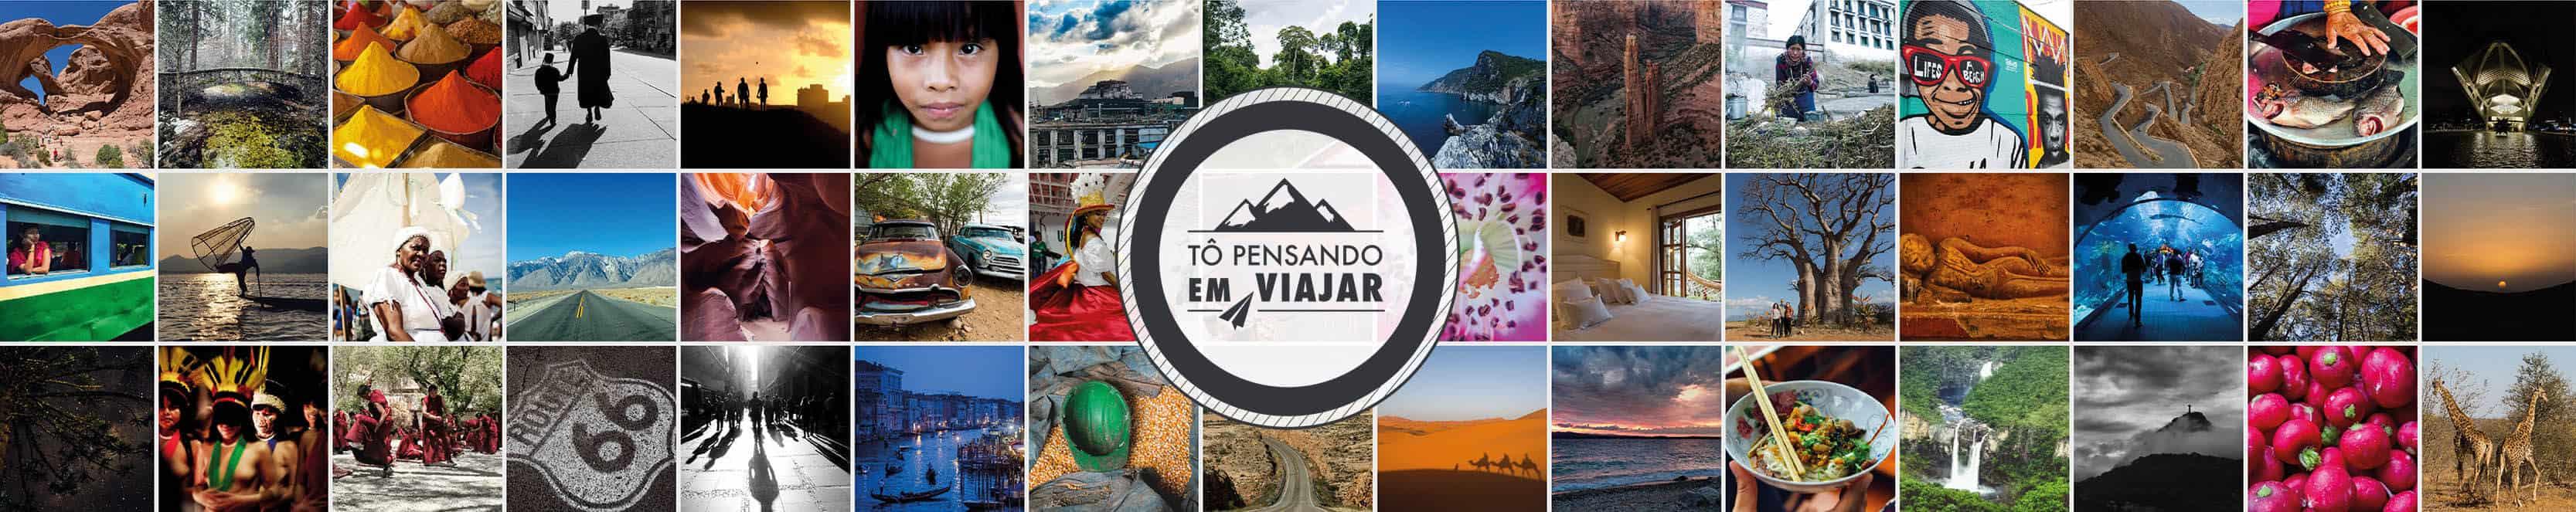 Tô pensando em viajar, blog de viagem, fotografia e experiência